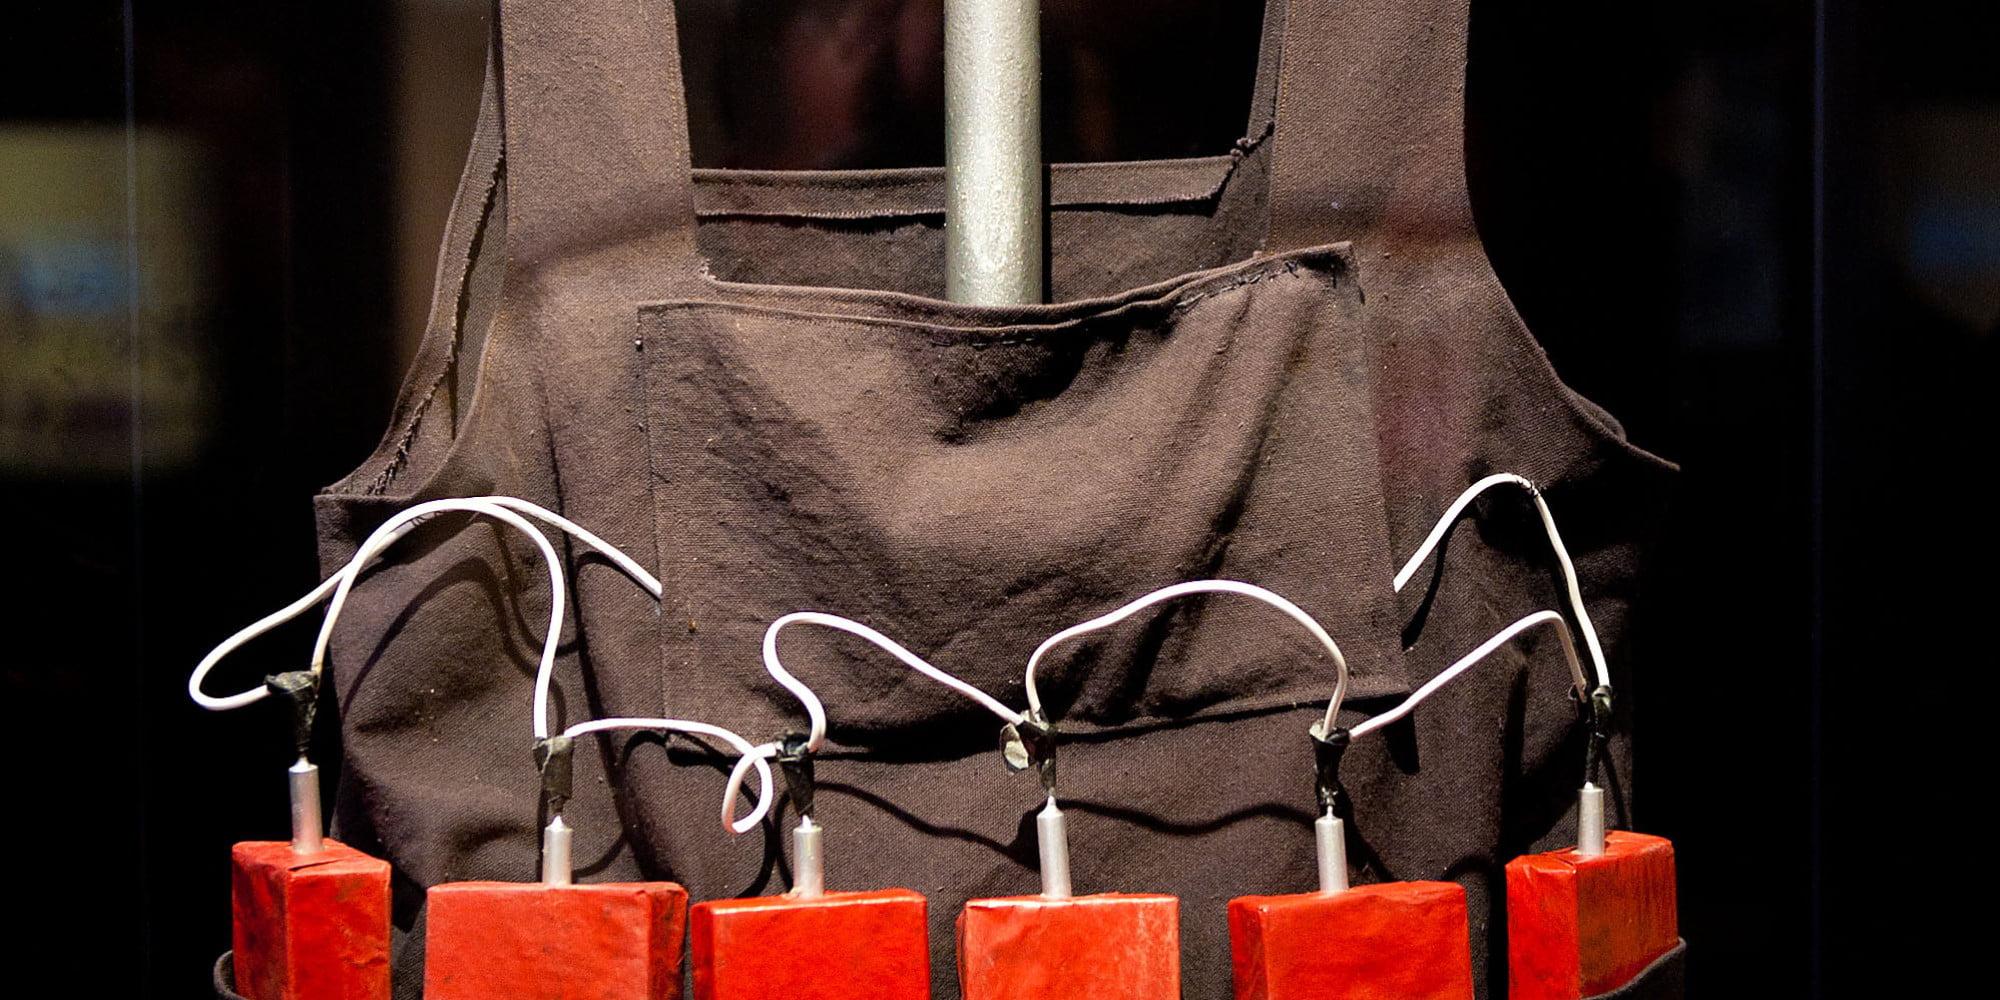 انتحاری - شست و شوی مغزی اطفال در سرپل برای انجام عملیات انتحاری